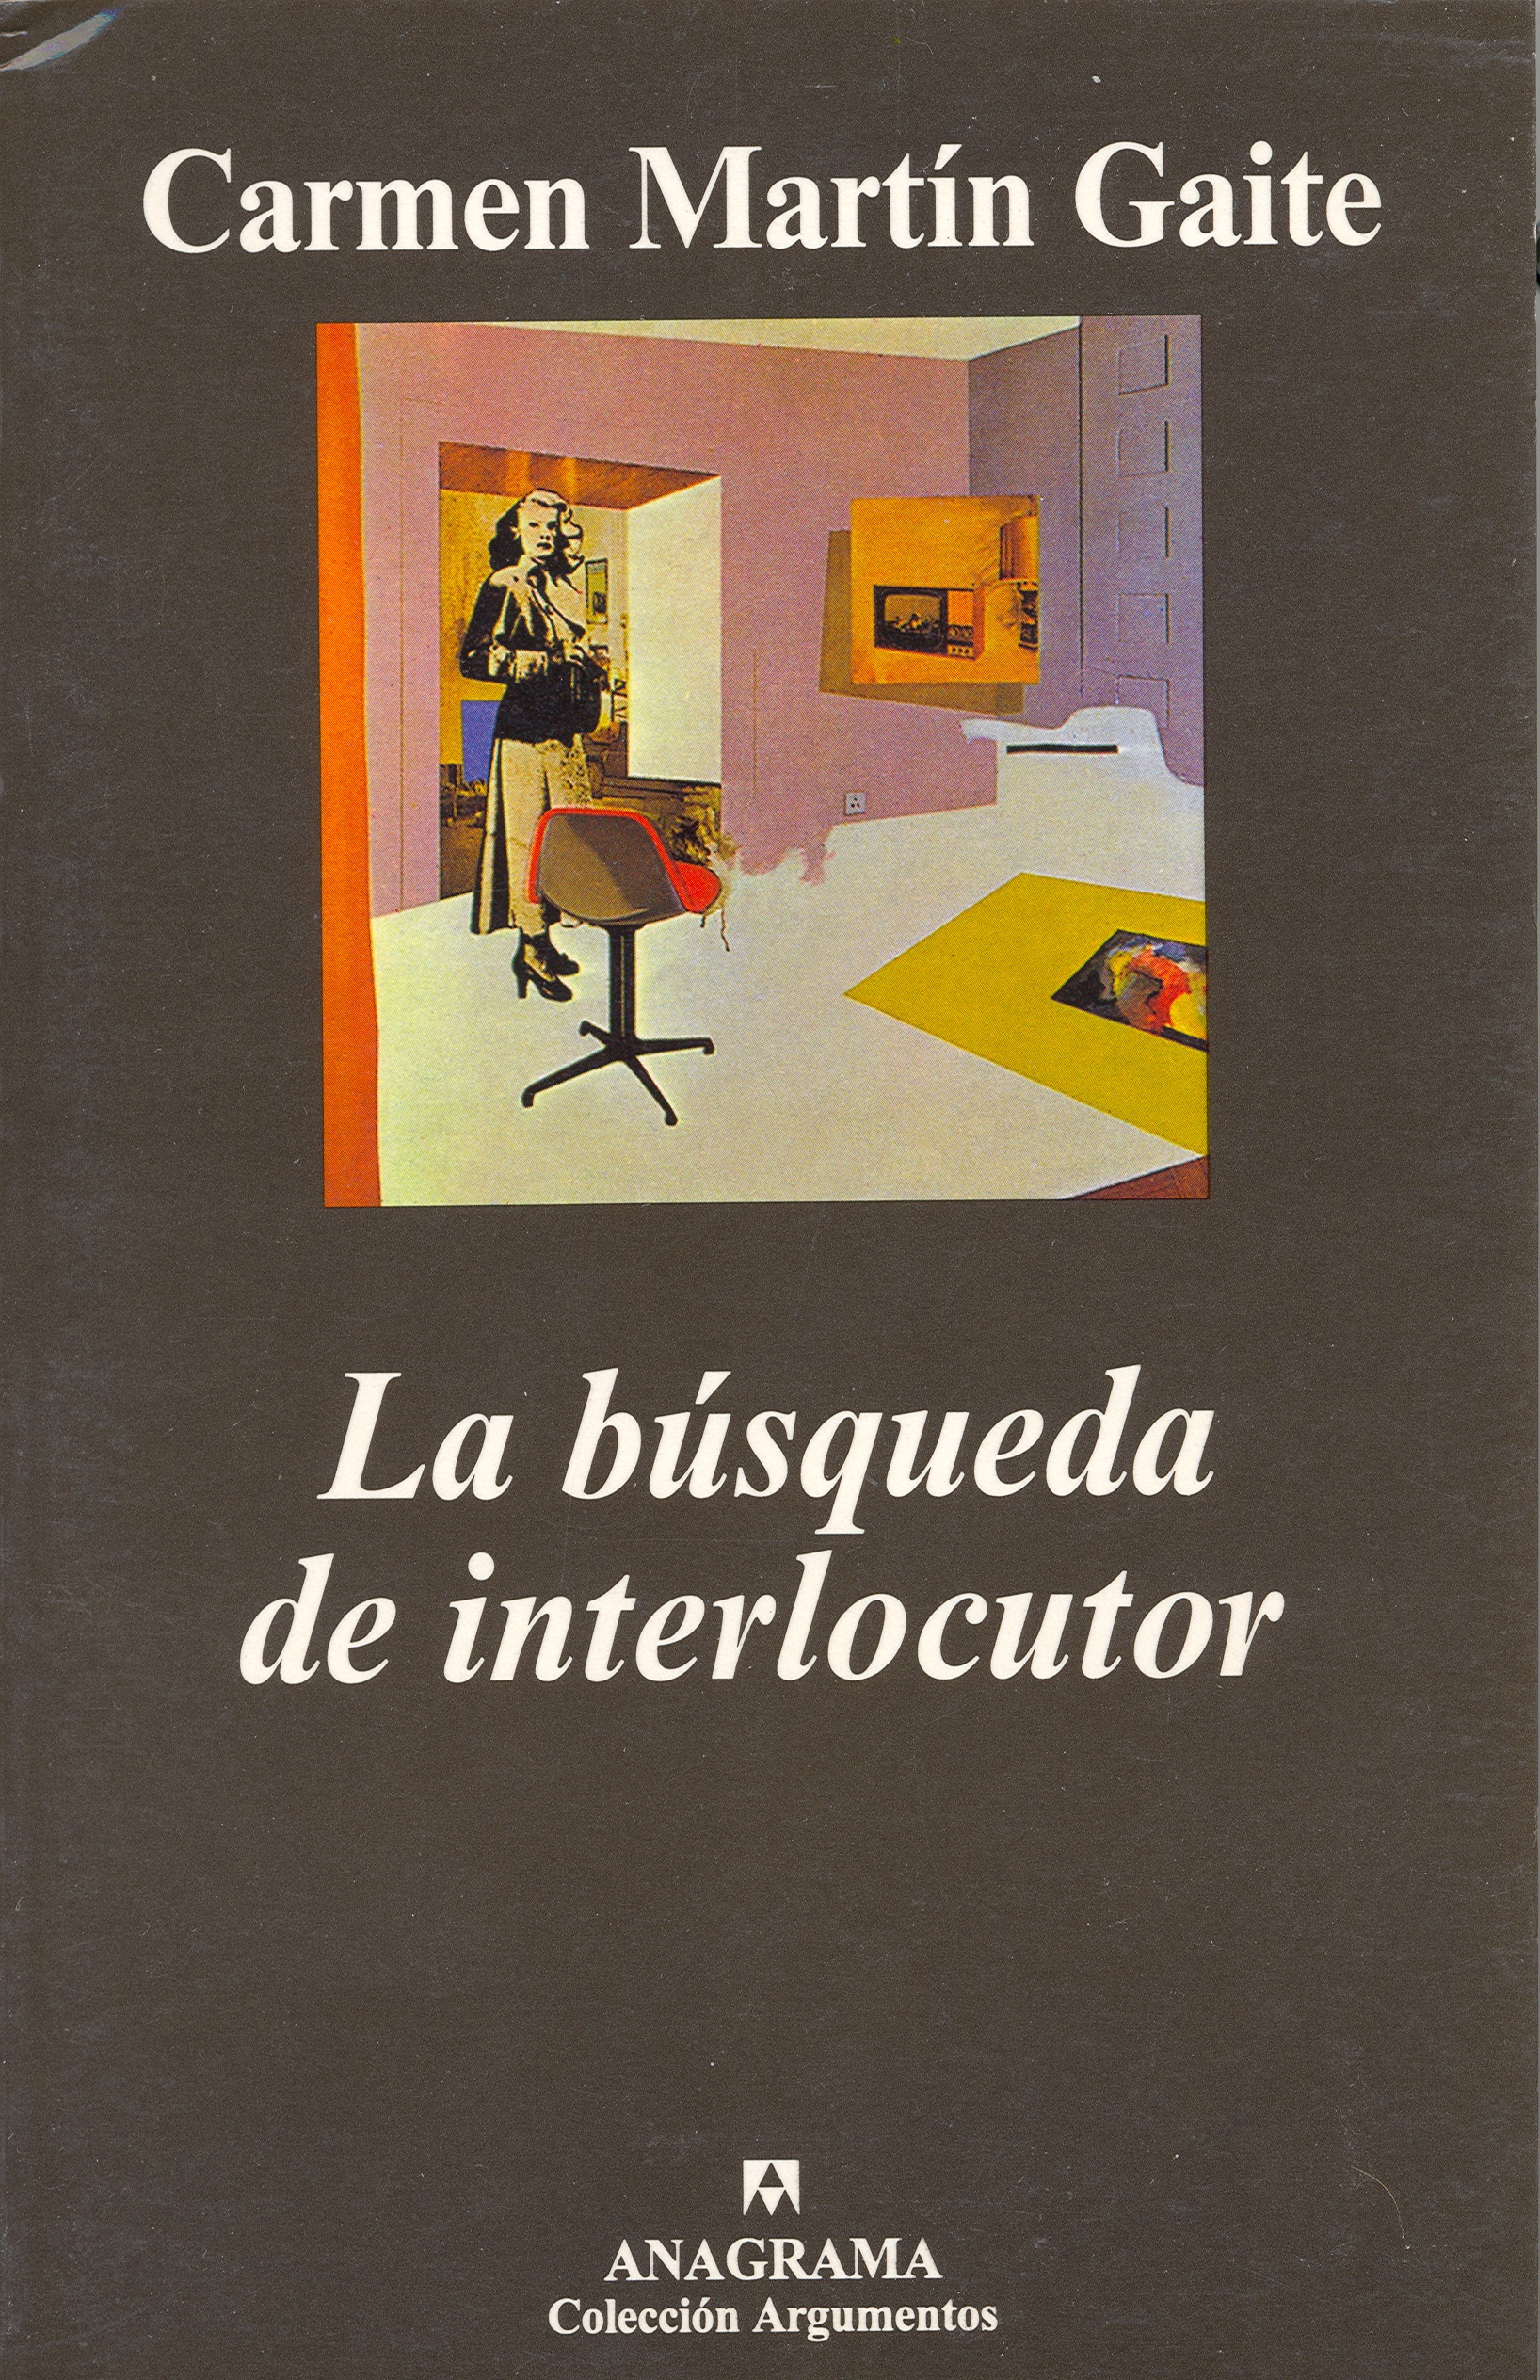 La búsqueda de interlocutor y otras búsquedas - Martín Gaite, Carmen -  978-84-339-6140-2 - Editorial Anagrama